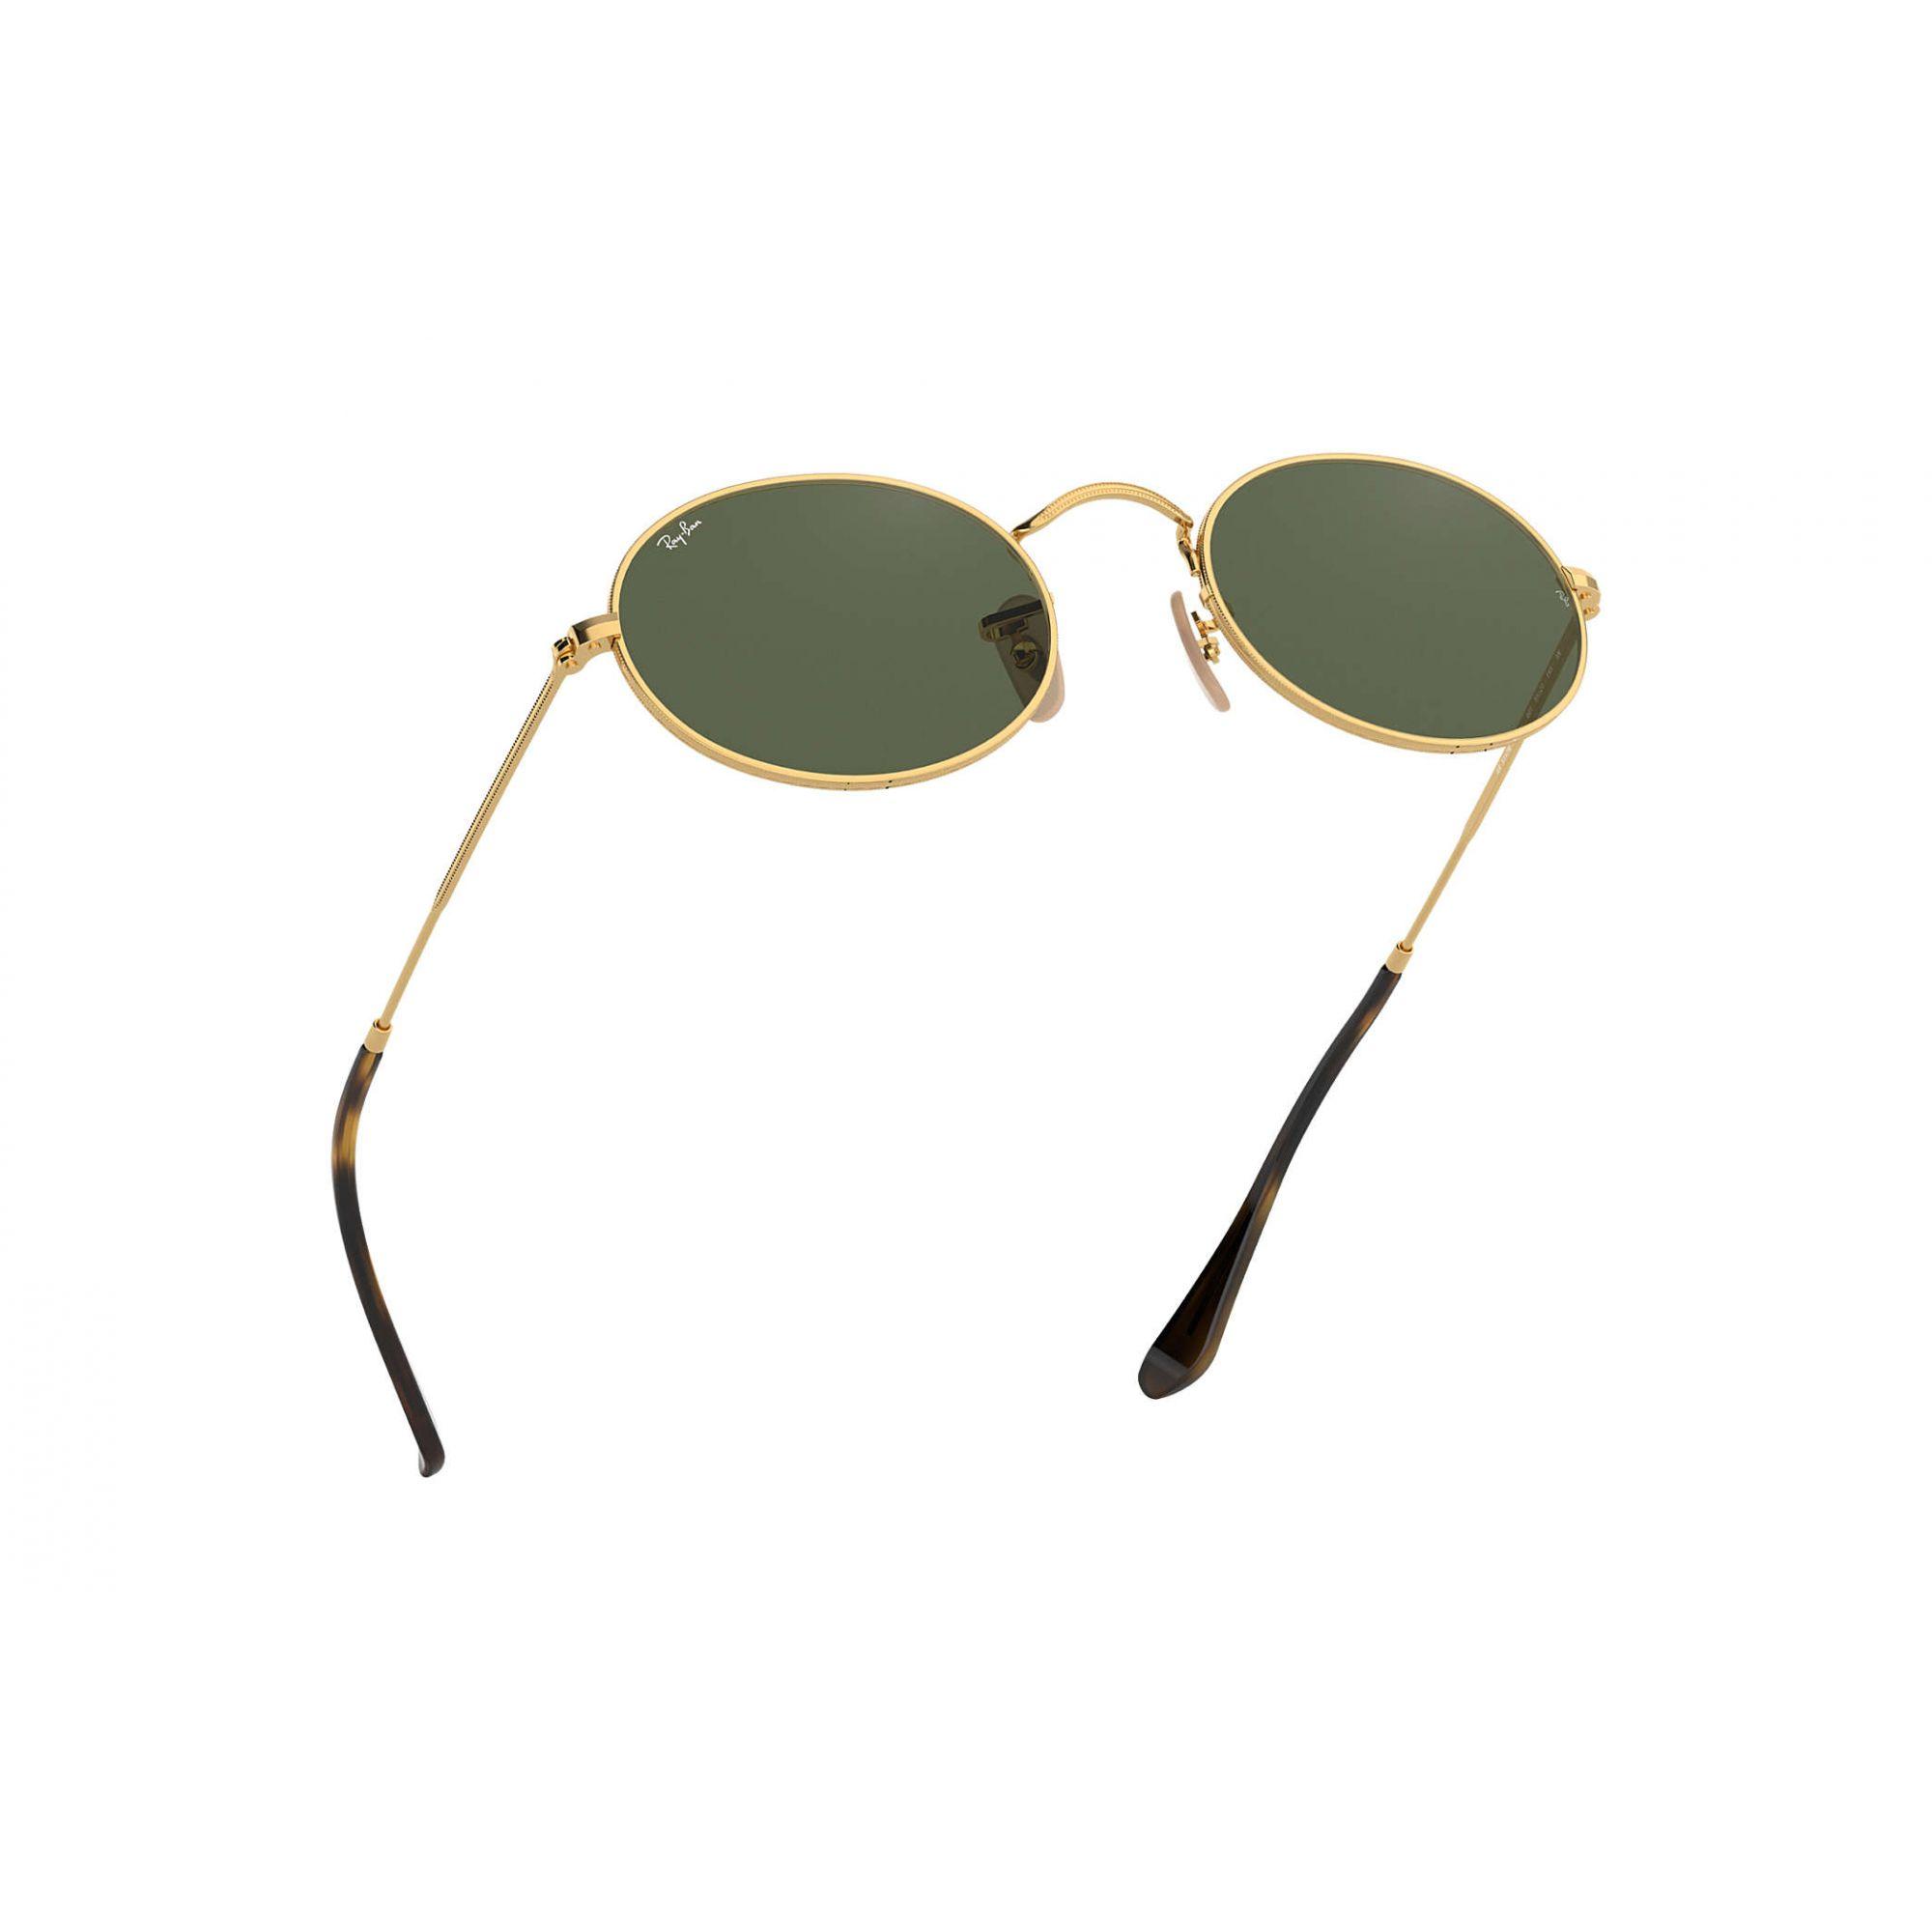 Ray Ban - RB3547N 001 - Óculos de sol